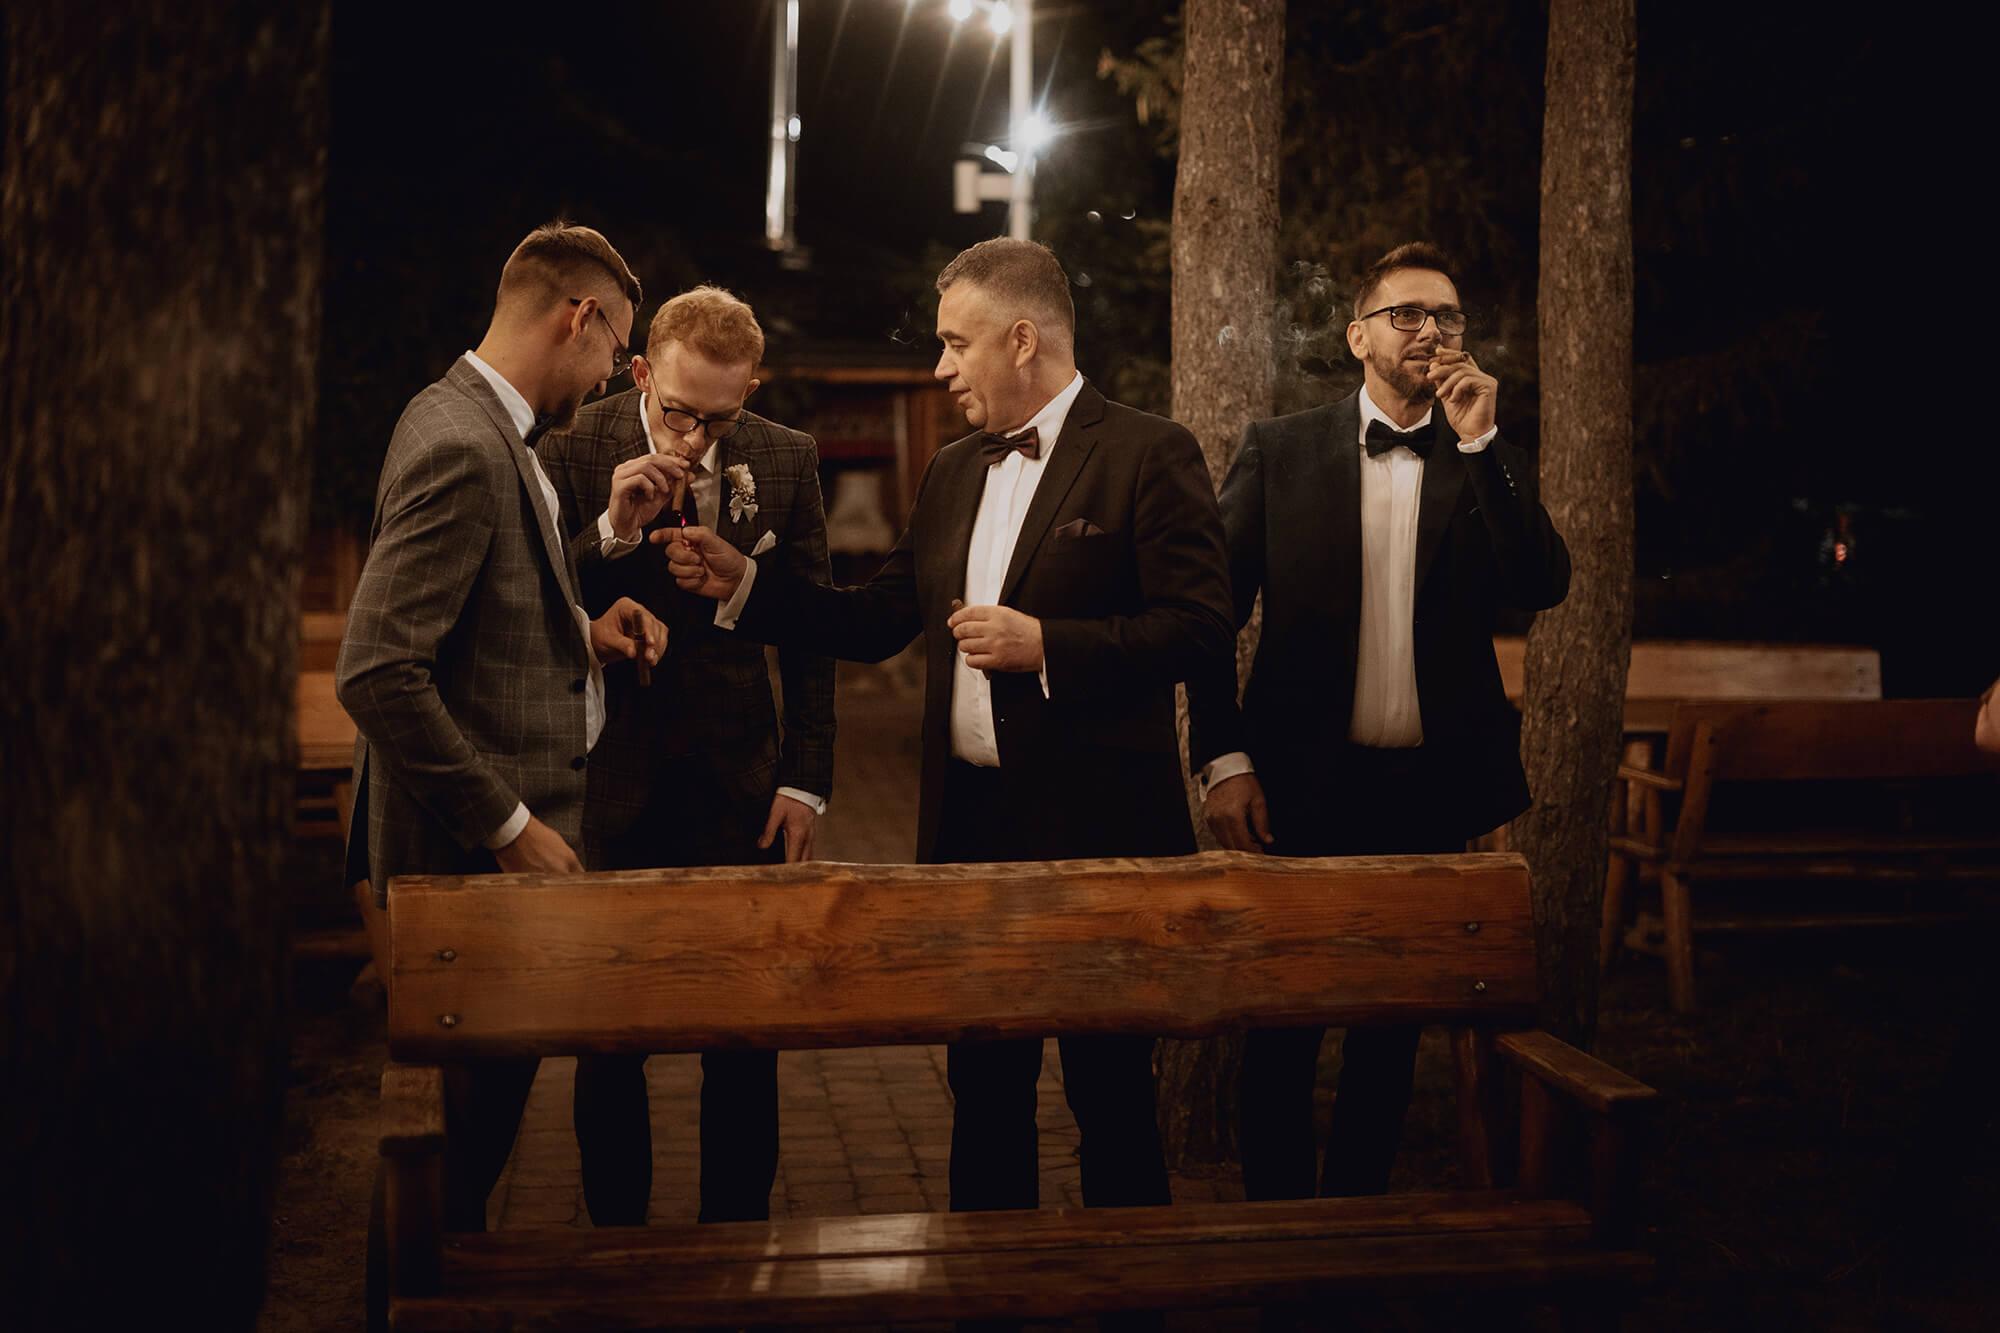 Slub wesele w dworze Hulanka00124 - Ola + Maciej | wesele w Dworze Hulanka